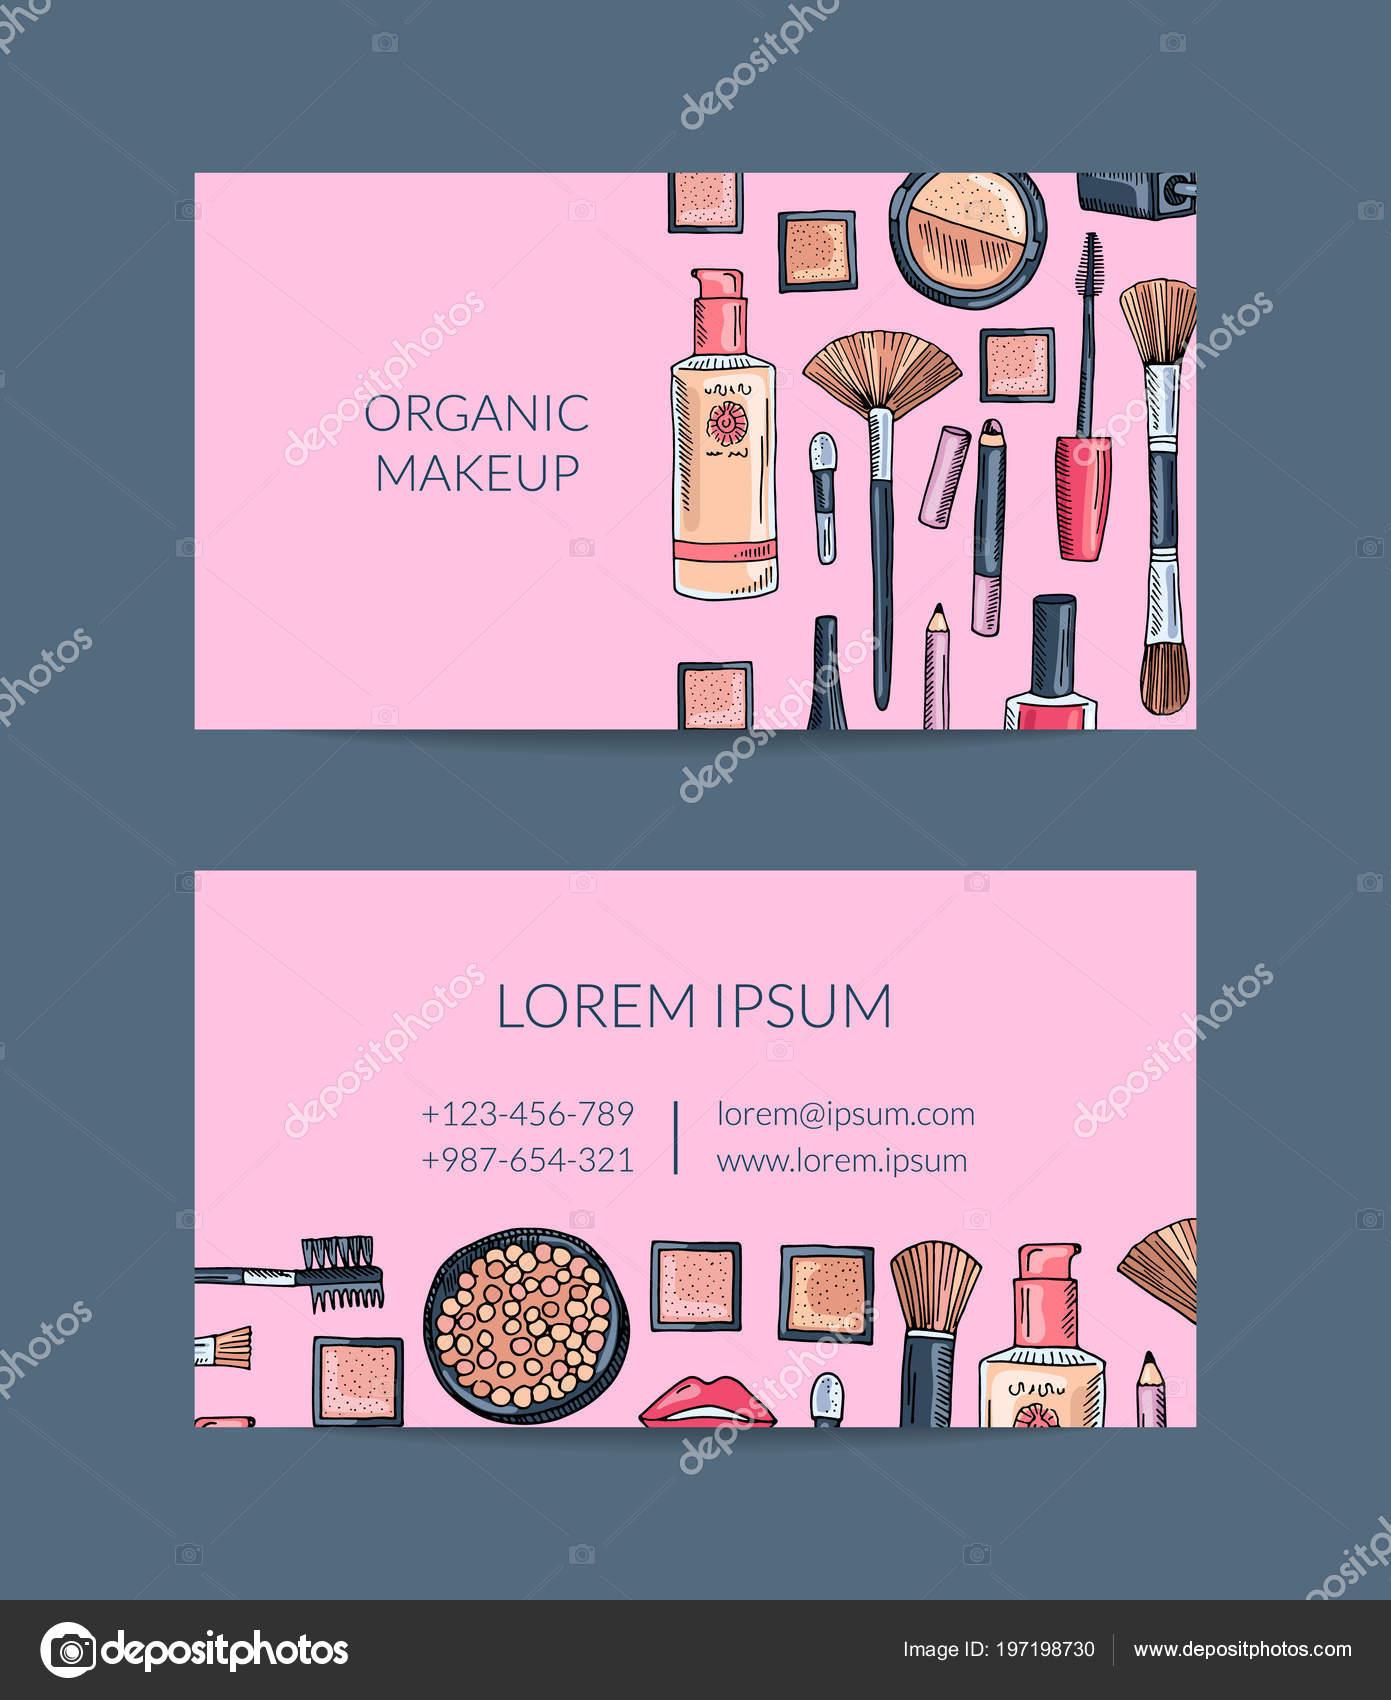 Vector Visitenkarte Vorlage Für Beauty Marke Oder Make Up